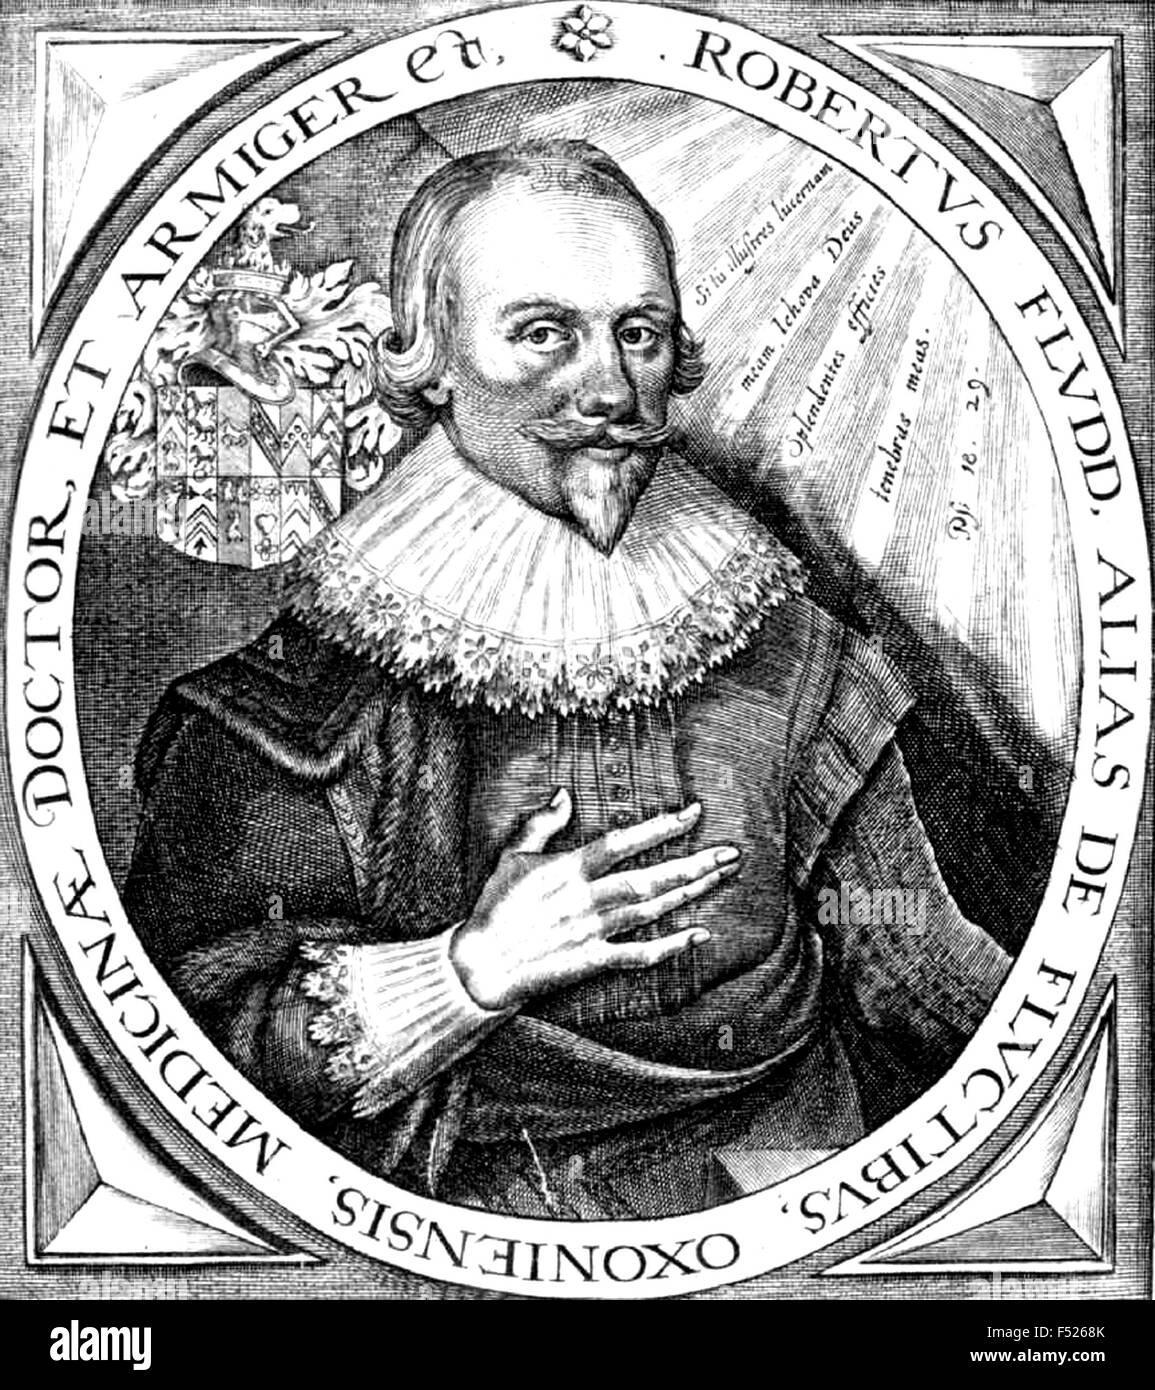 ROBERT FLUDD (1574-1637) Gravur englischer Astrologe und Student des okkulten Stockbild